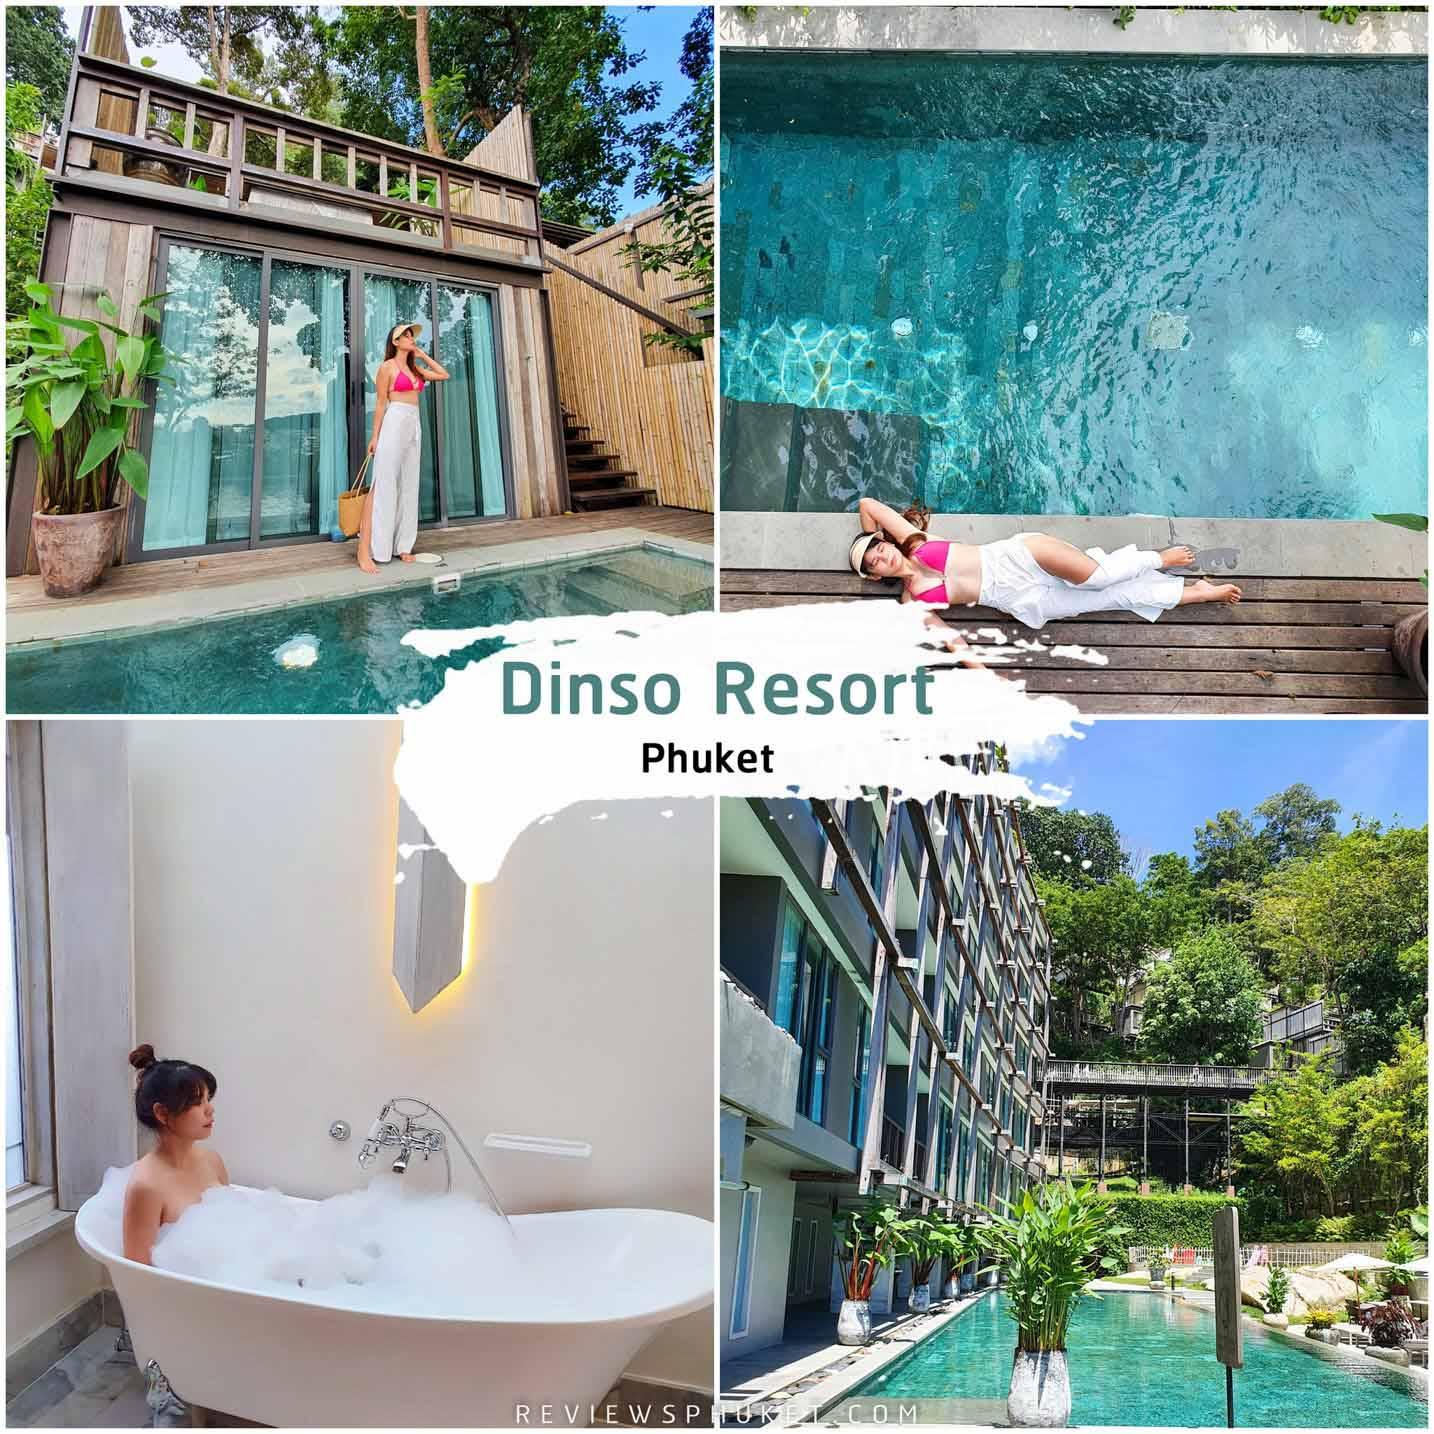 Dinso Resort Pool Villa  ดินสอ รีสอร์ท ที่พักภูเก็ตเด็ดๆ เปิดใหม่ใจกลางป่าตอง